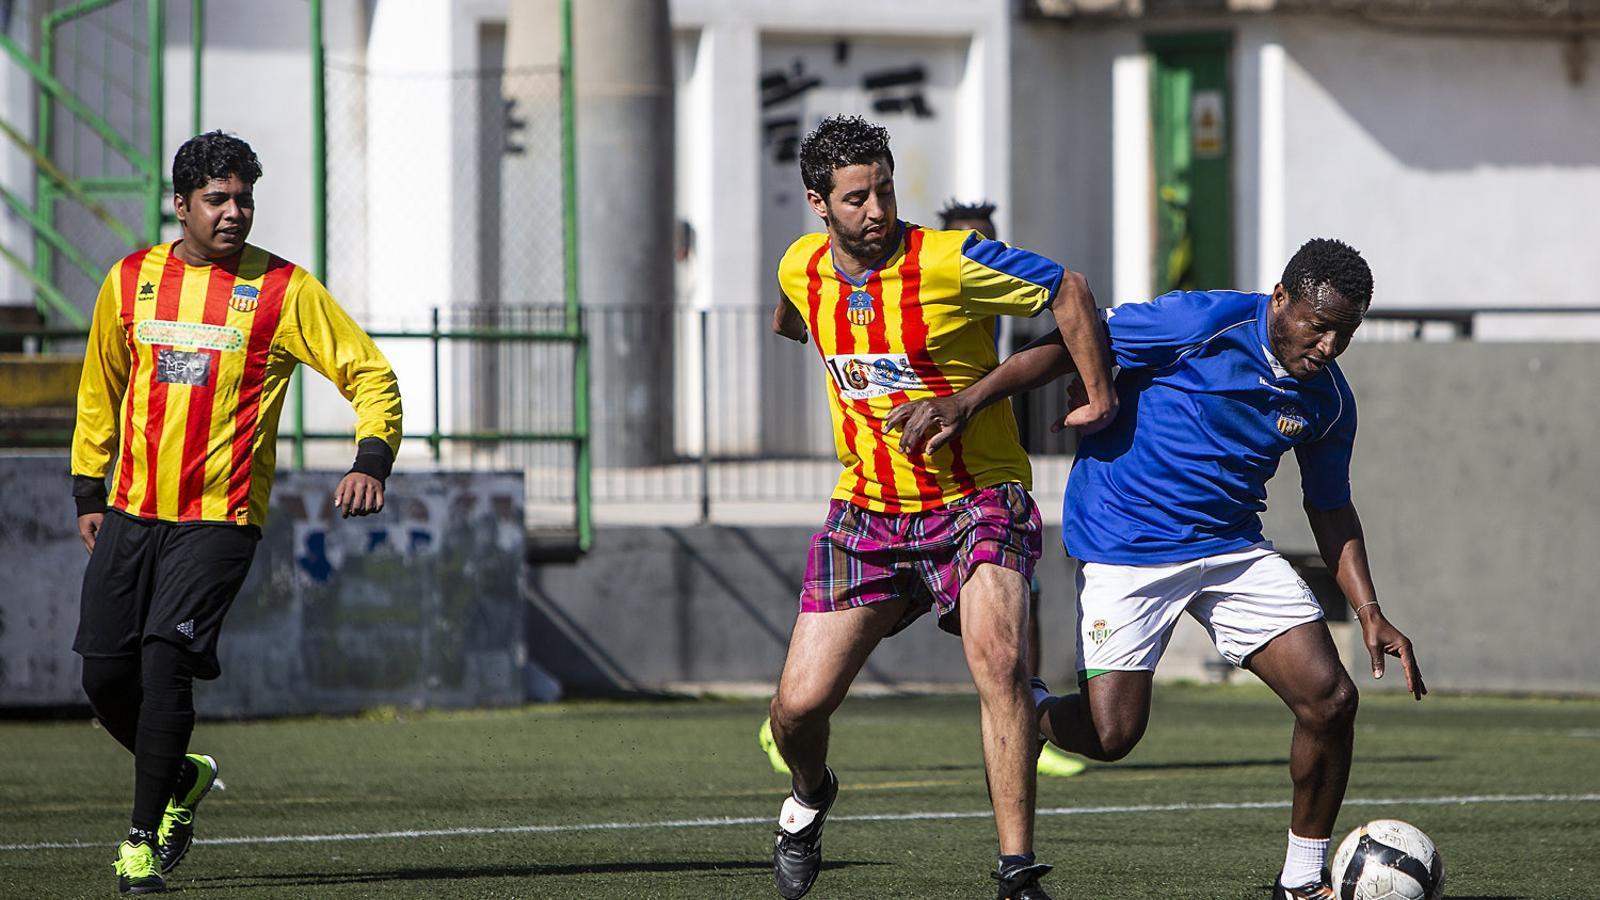 El futbol com a refugi